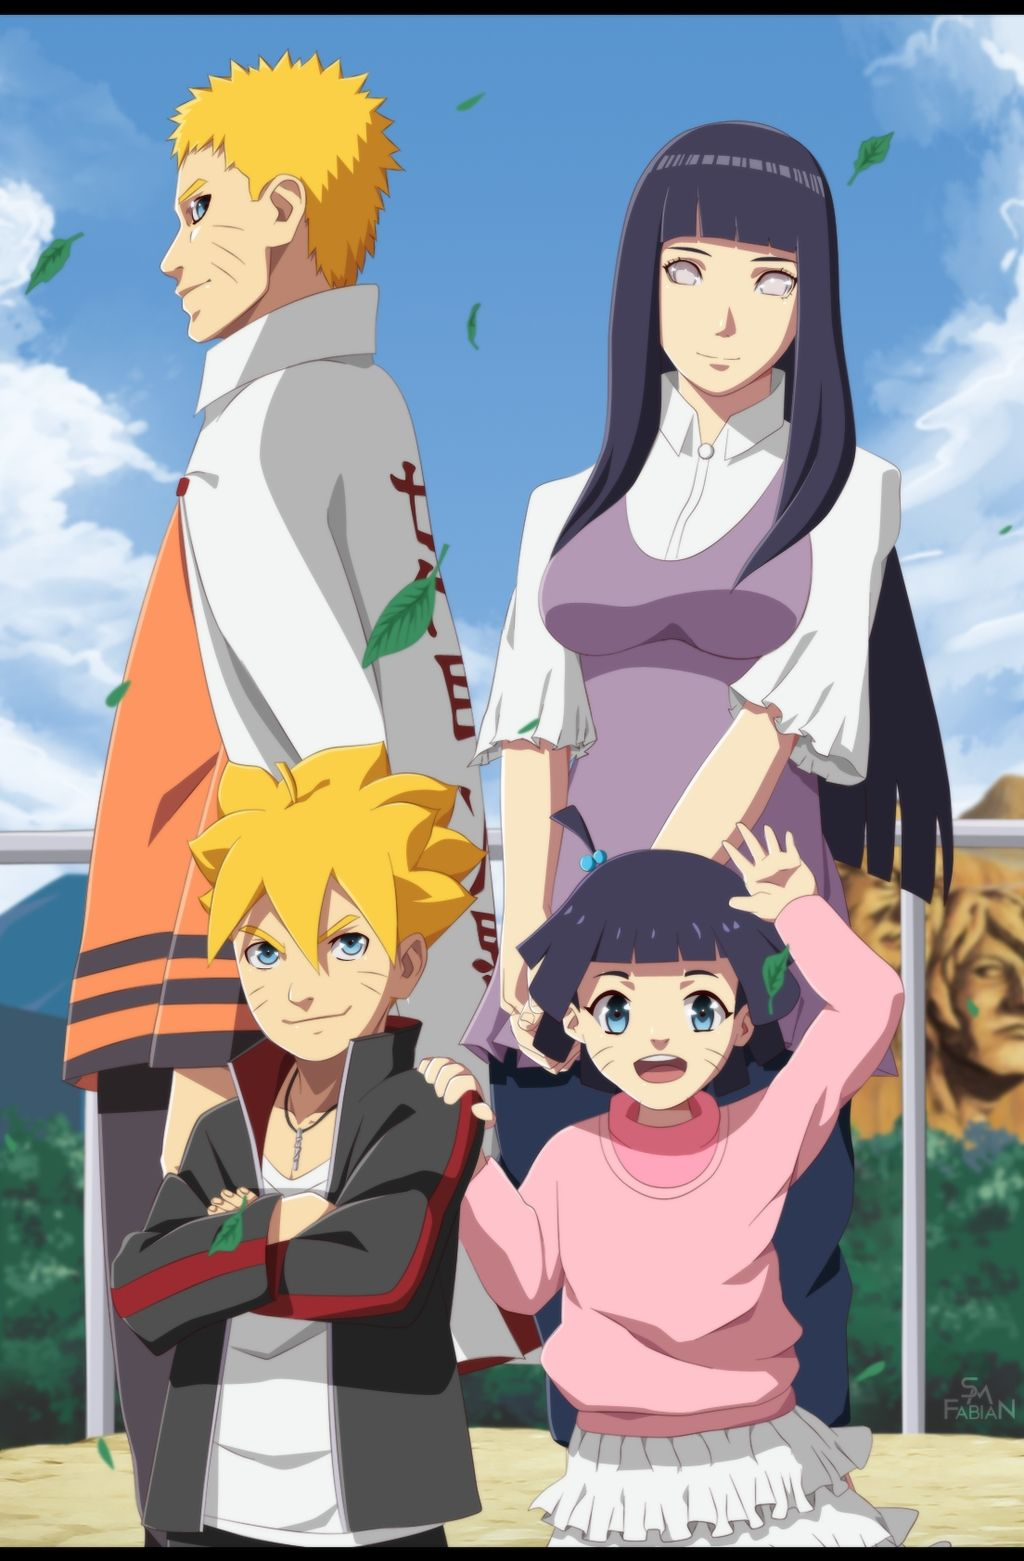 Naruto and hinata slow sex